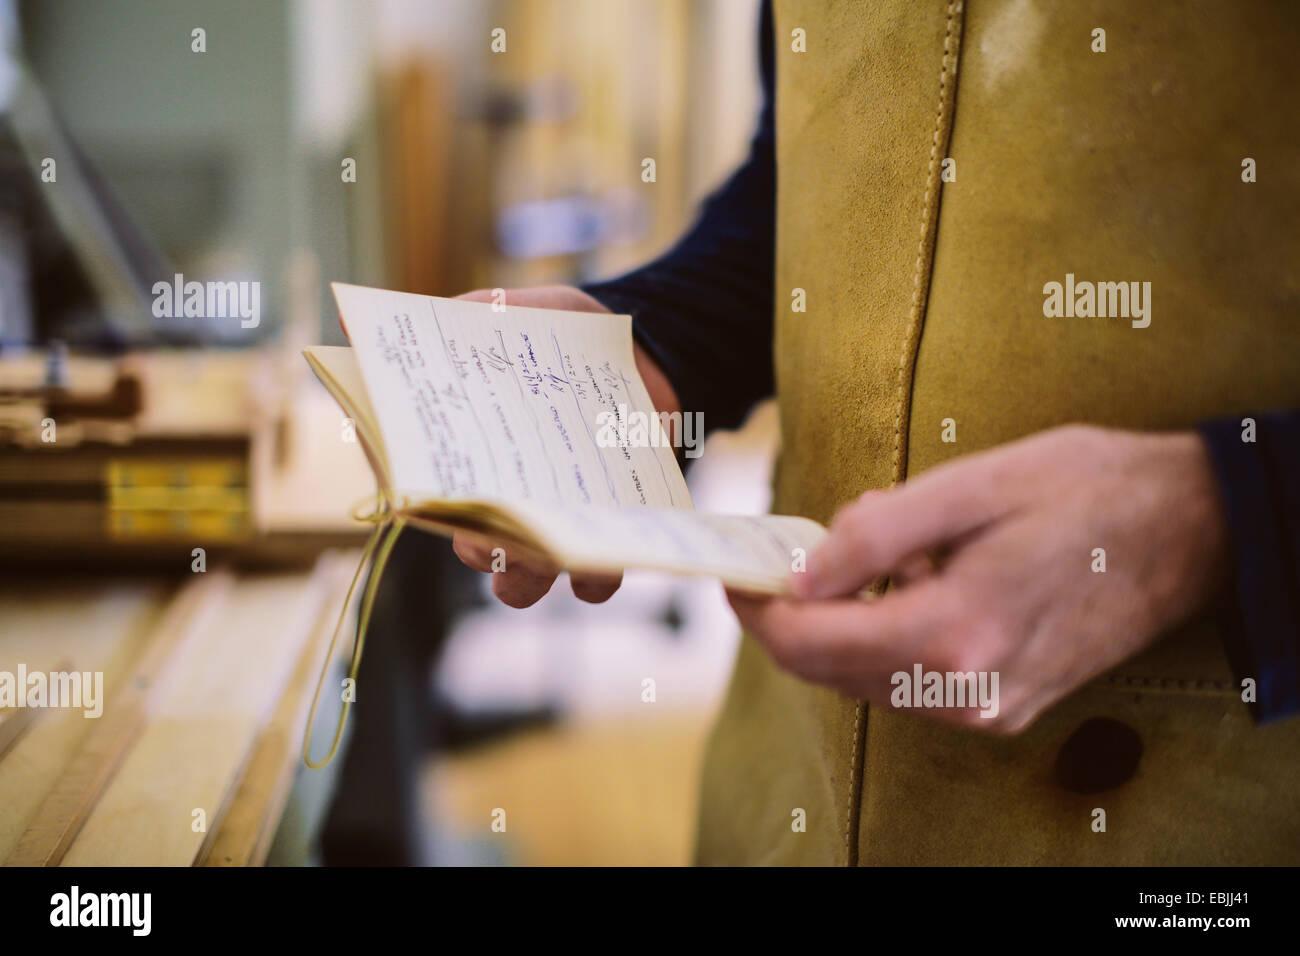 In prossimità di metà adulto artigiano azienda notebook in officina di organo Immagini Stock